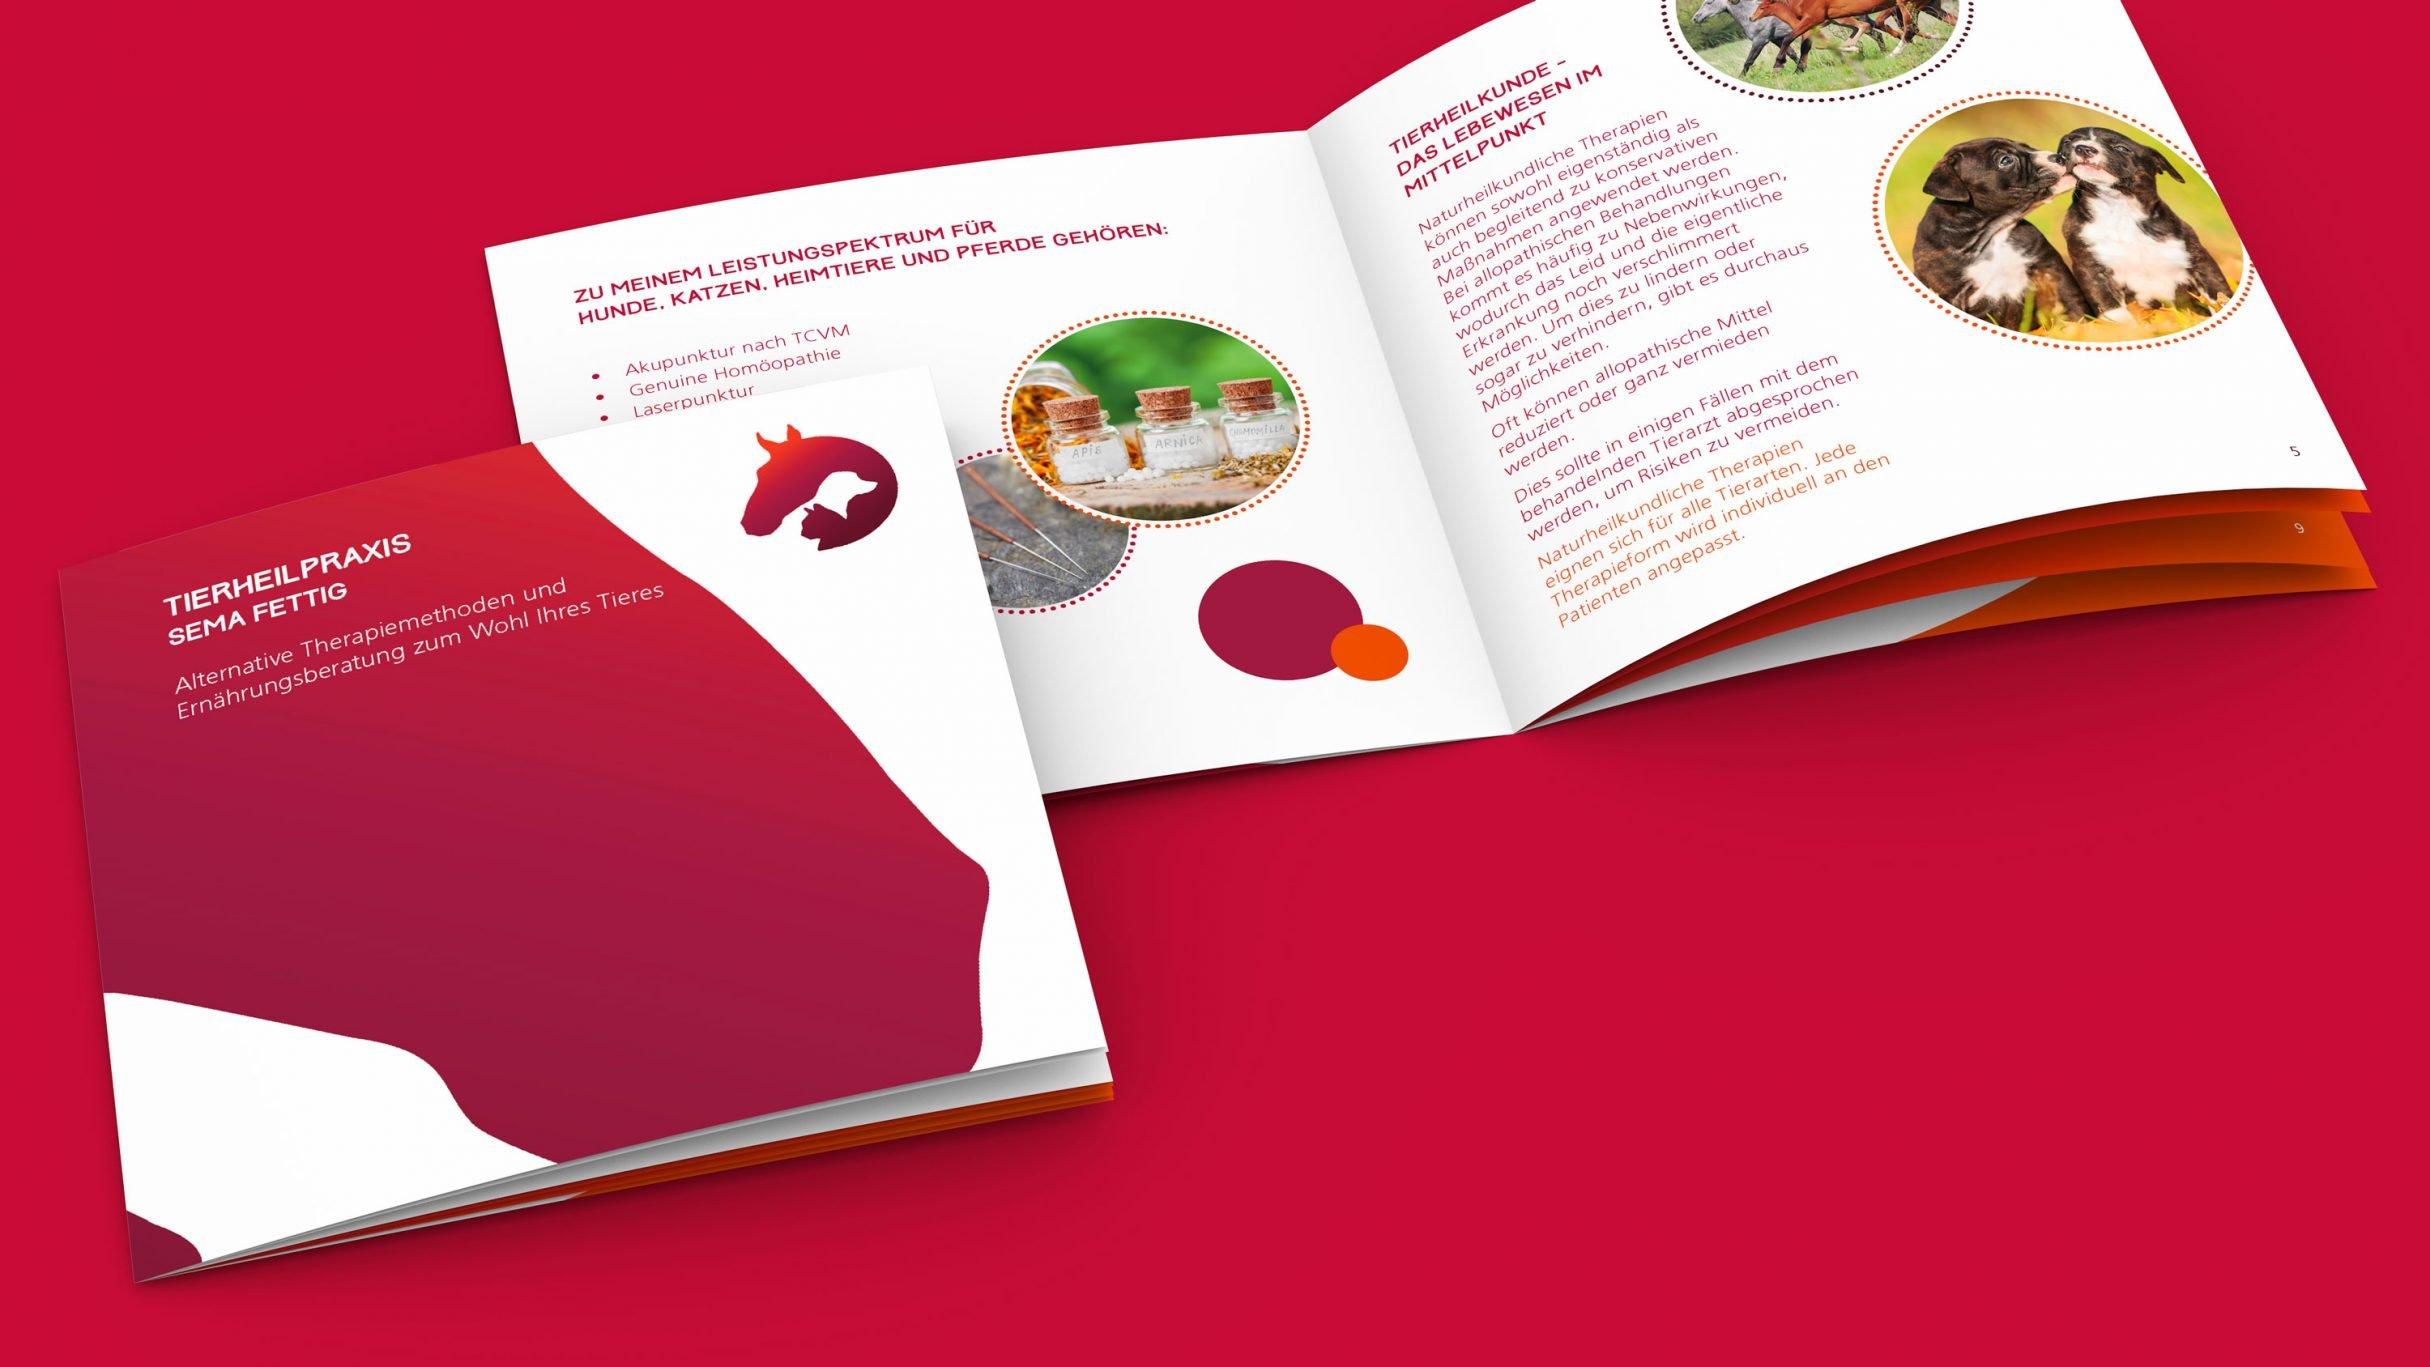 Broschüre für Tierheilpraxis Sema Fettig: DIE NEUDENKER® Agentur, Darmstadt